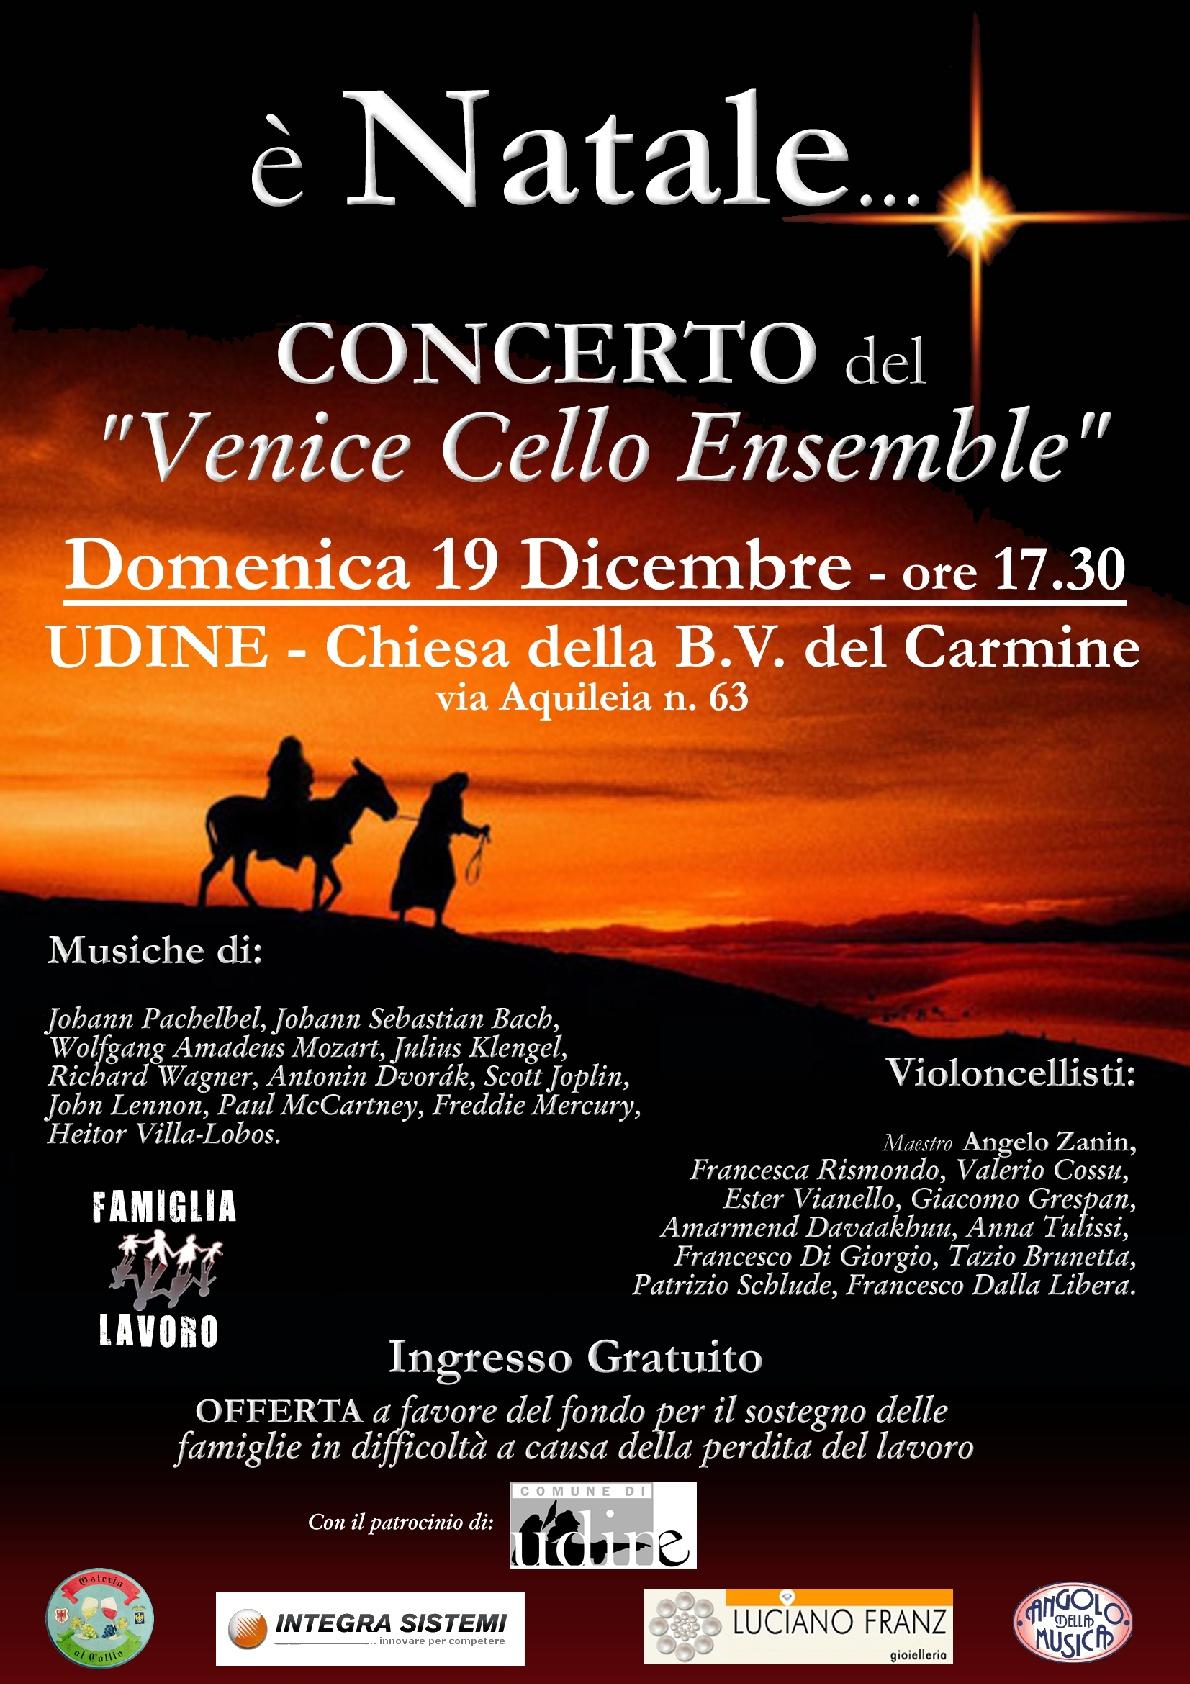 Concerto Natale 2010 locandina-001